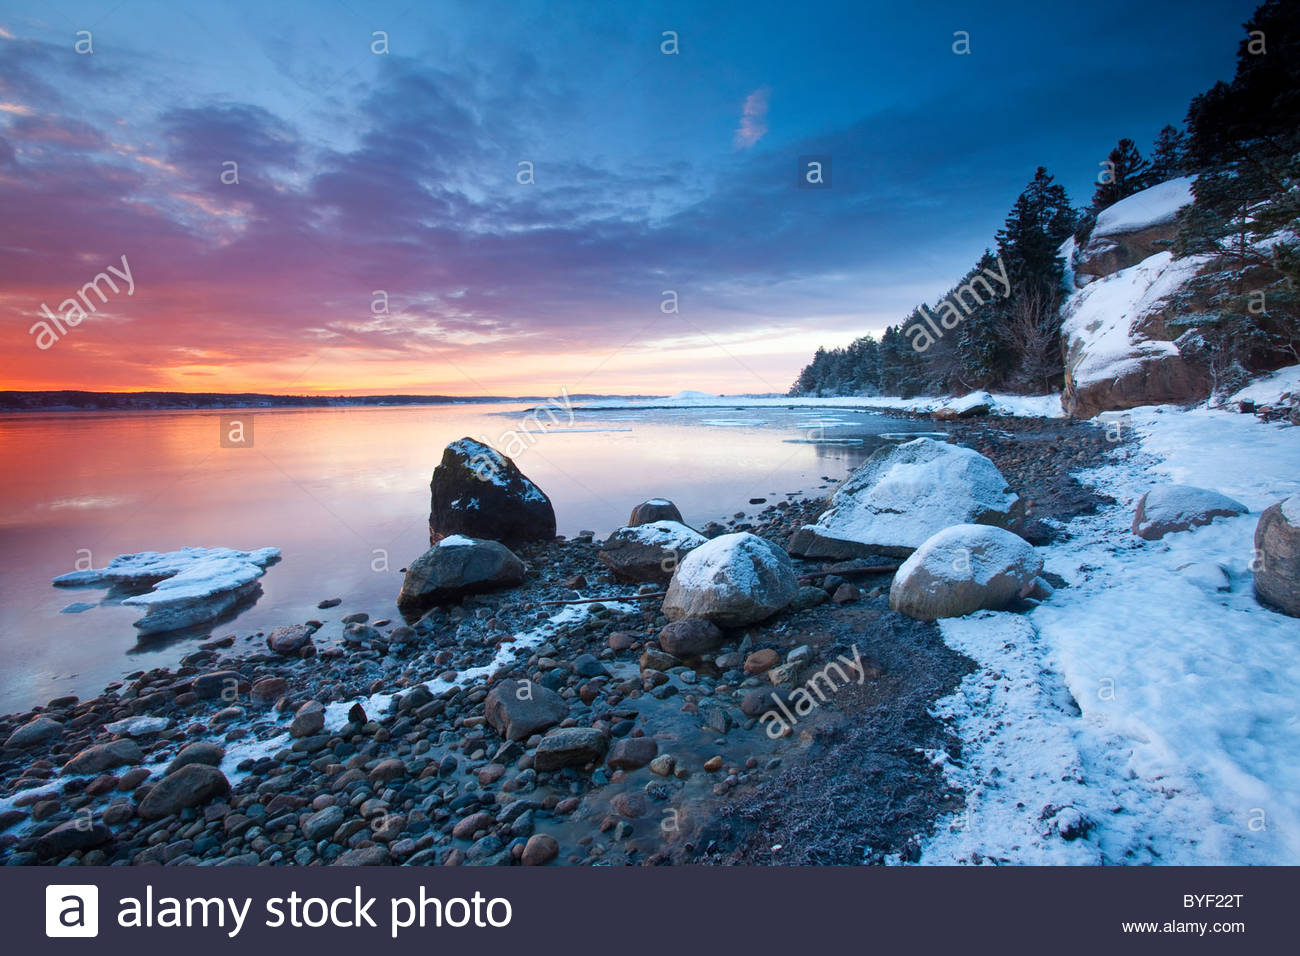 Bunter Himmel bei Tagesanbruch am Ofen in Råde, Østfold Fylke, südöstlichen Norwegen. Stockbild